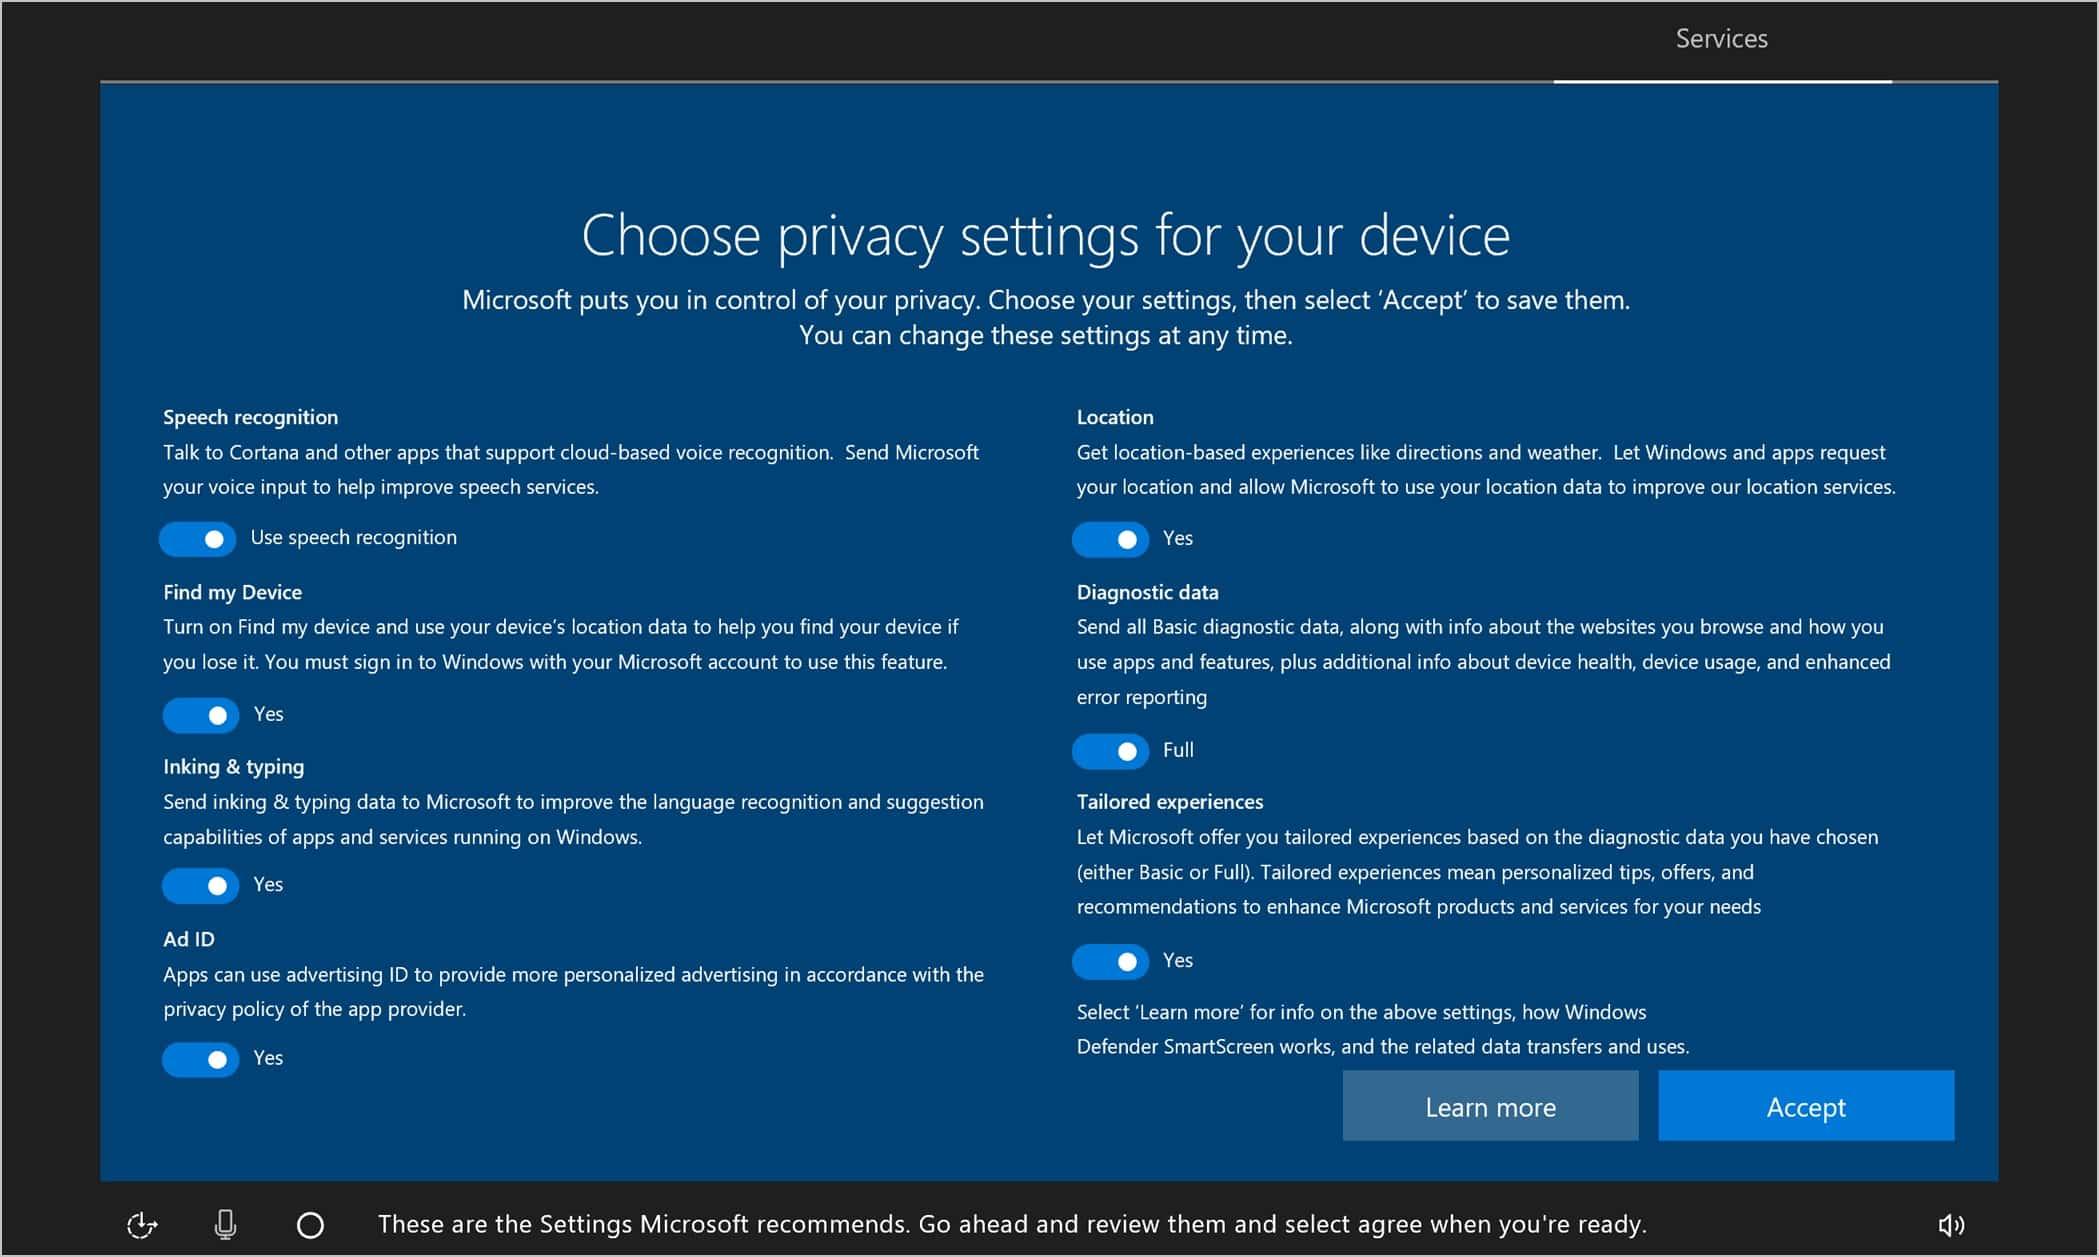 Pada bagian Choose privacy settings for your device, pilih fitur yang ingin diaktifkan lalu klik Accept